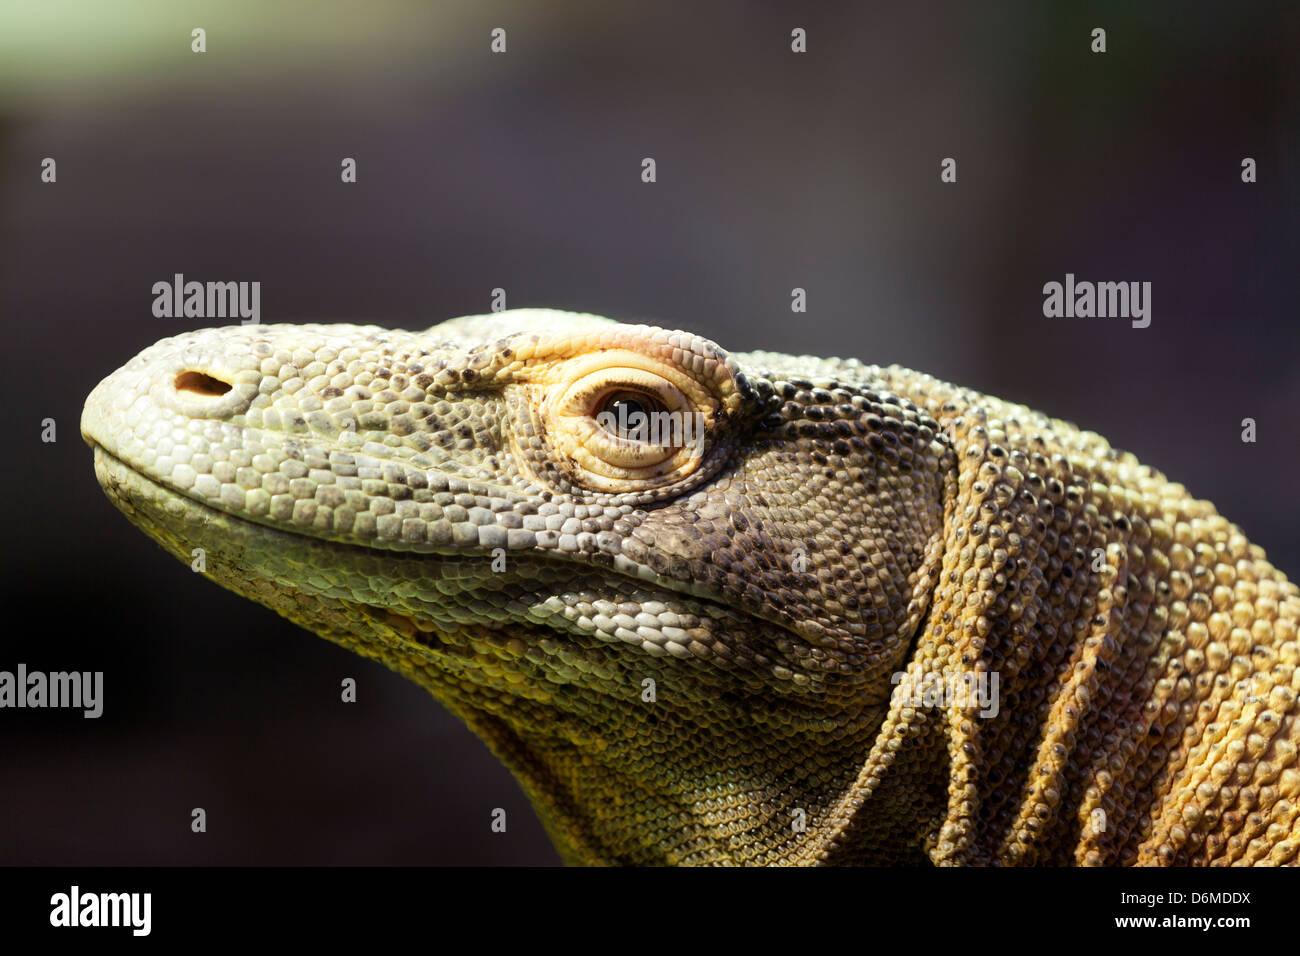 Drago di Komodo, ritratto di un drago di Komodo. Immagini Stock